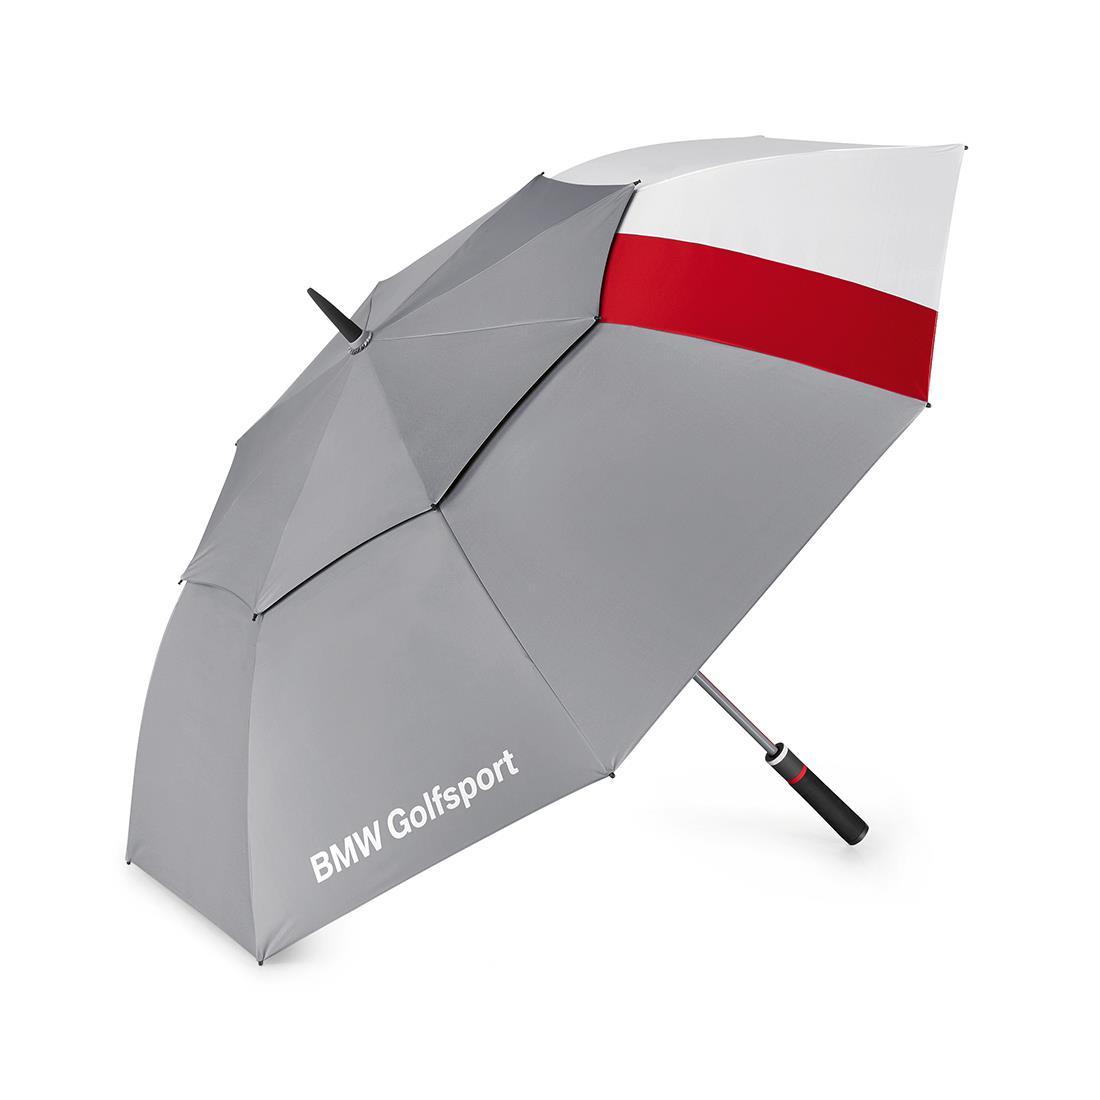 BMW Golfsport Umbrella